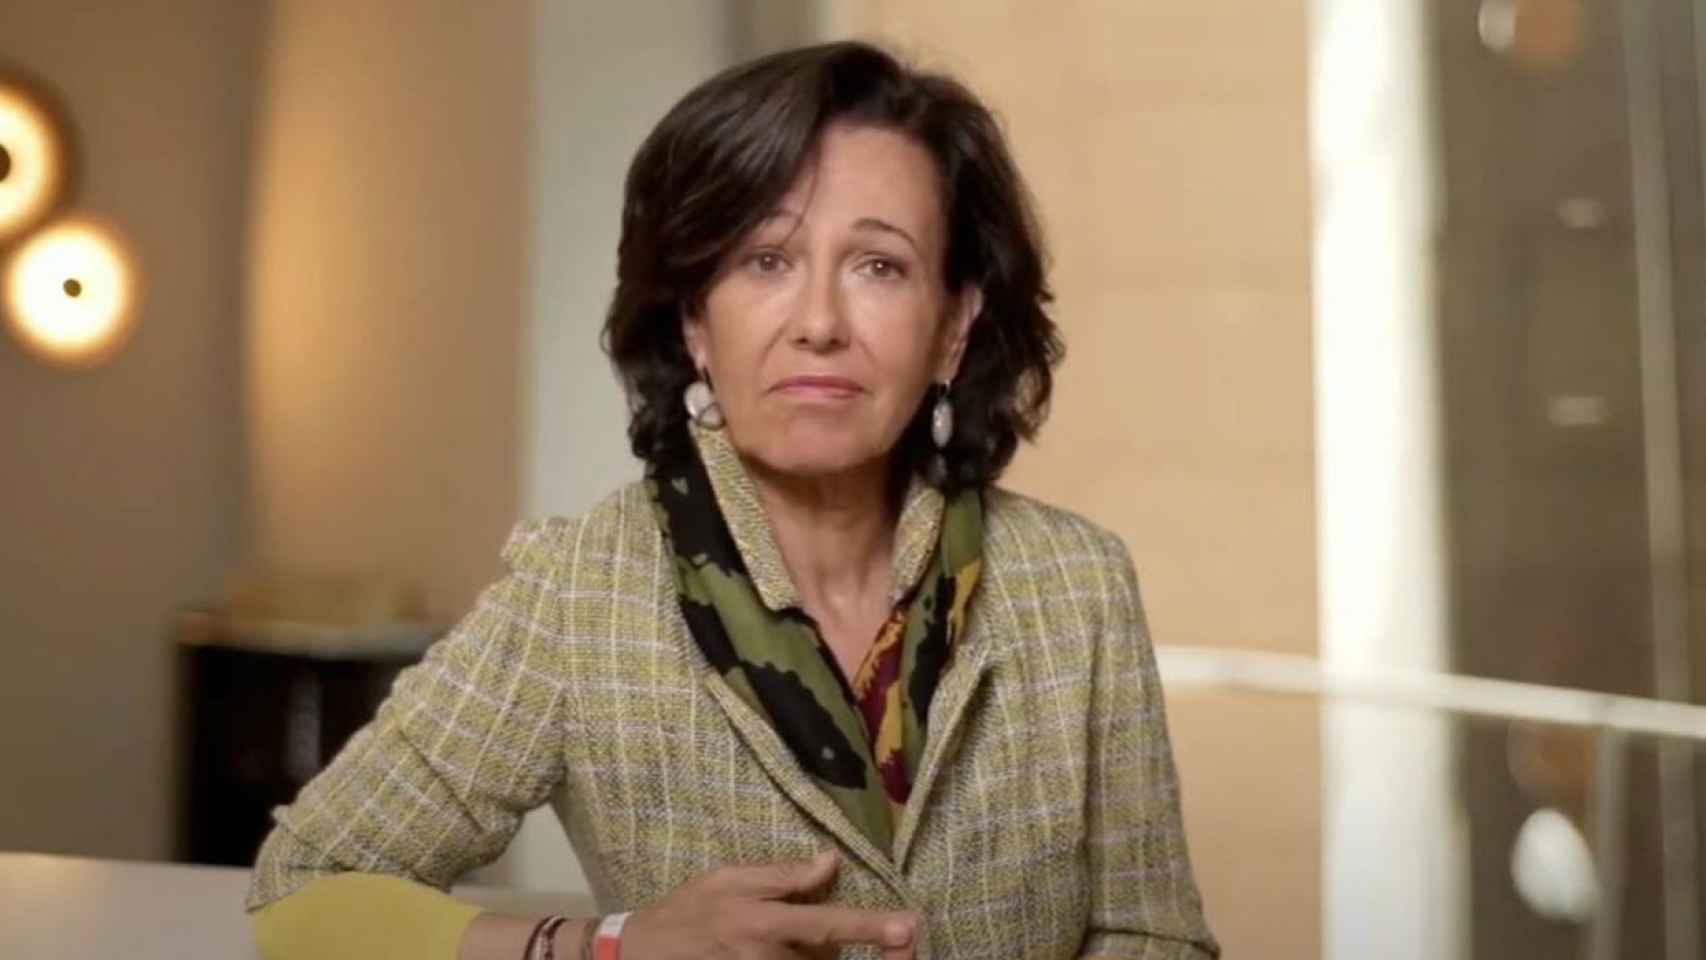 Ana Botín, presidenta del Banco Santander, durante su intervención en la cumbre de la CEOE.